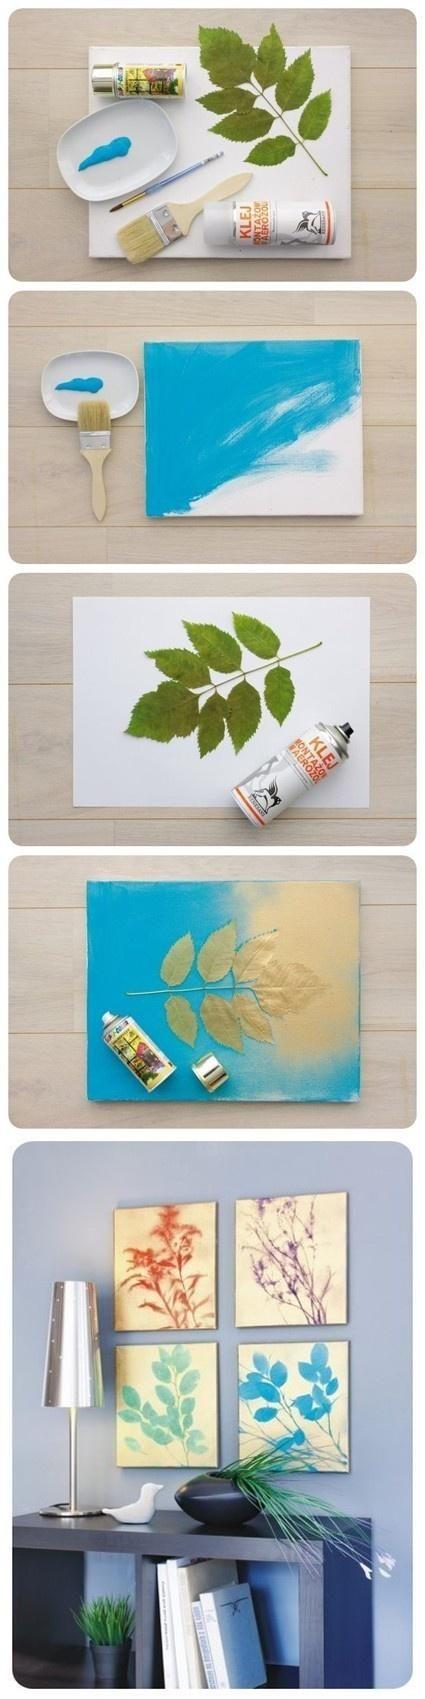 #DIY #Bilder sind super #kreative #Geschenke! ♥ stylefruits Inspiration ♥